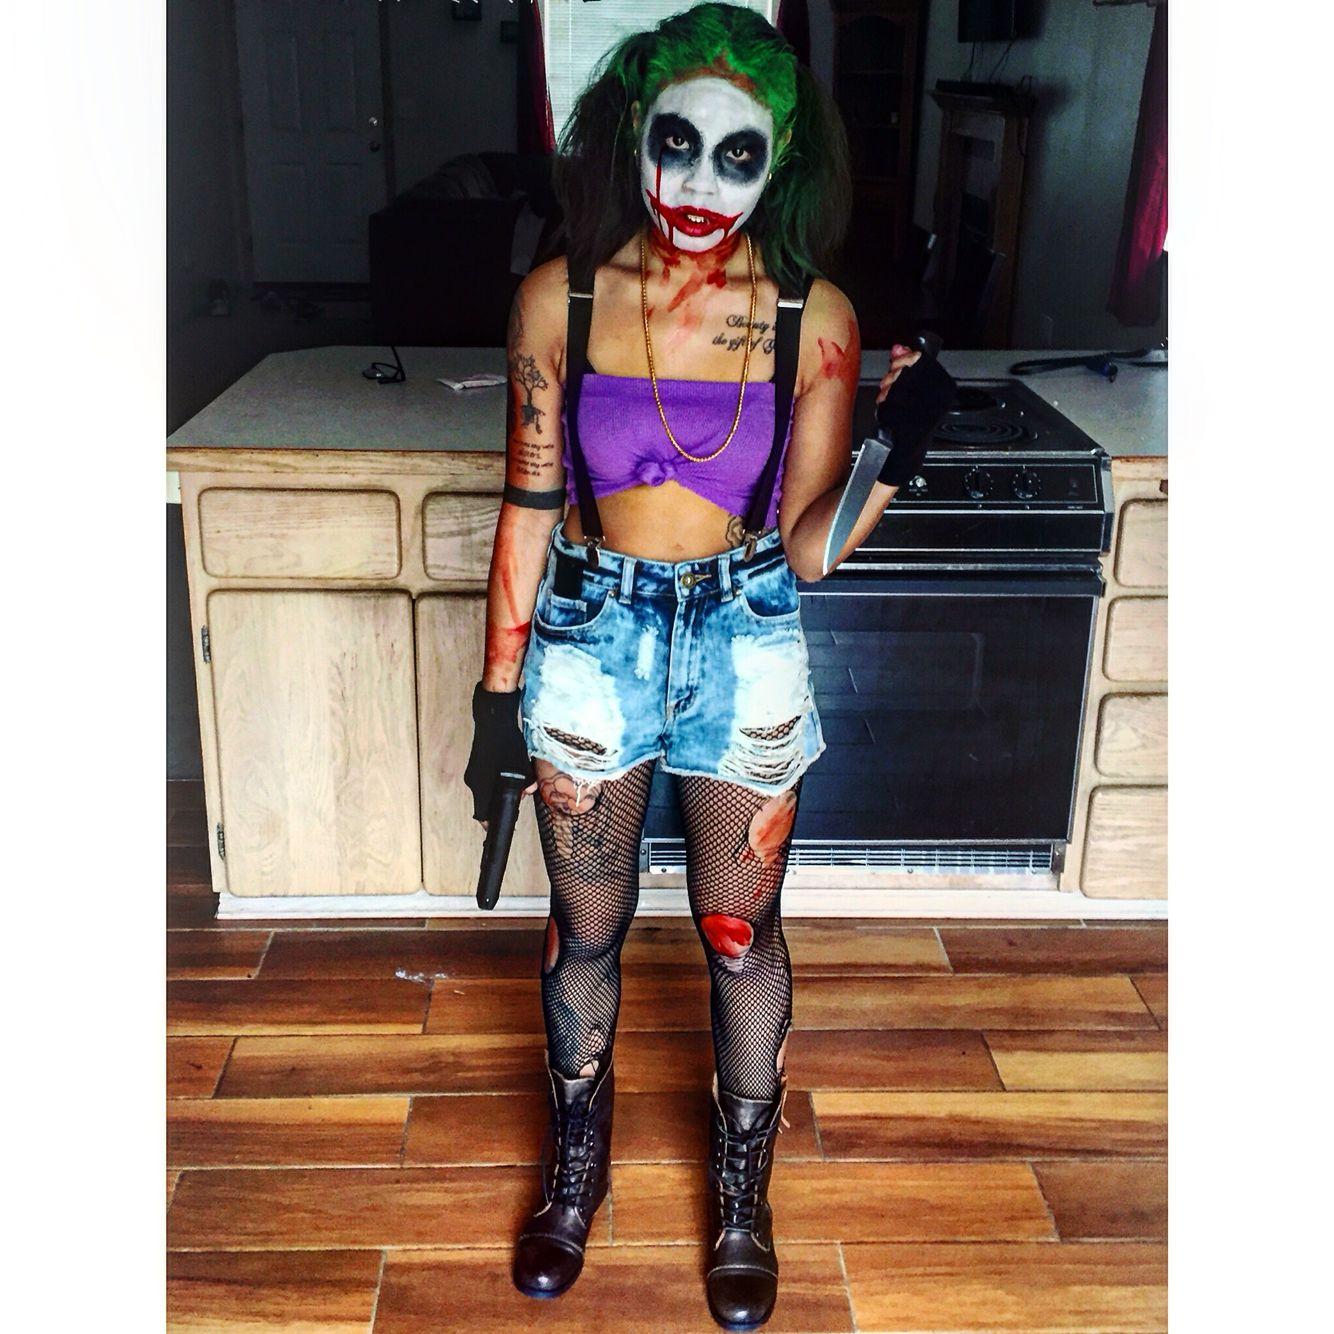 Halloween makeup female joker - Halloween | Pinterest - Ideeën